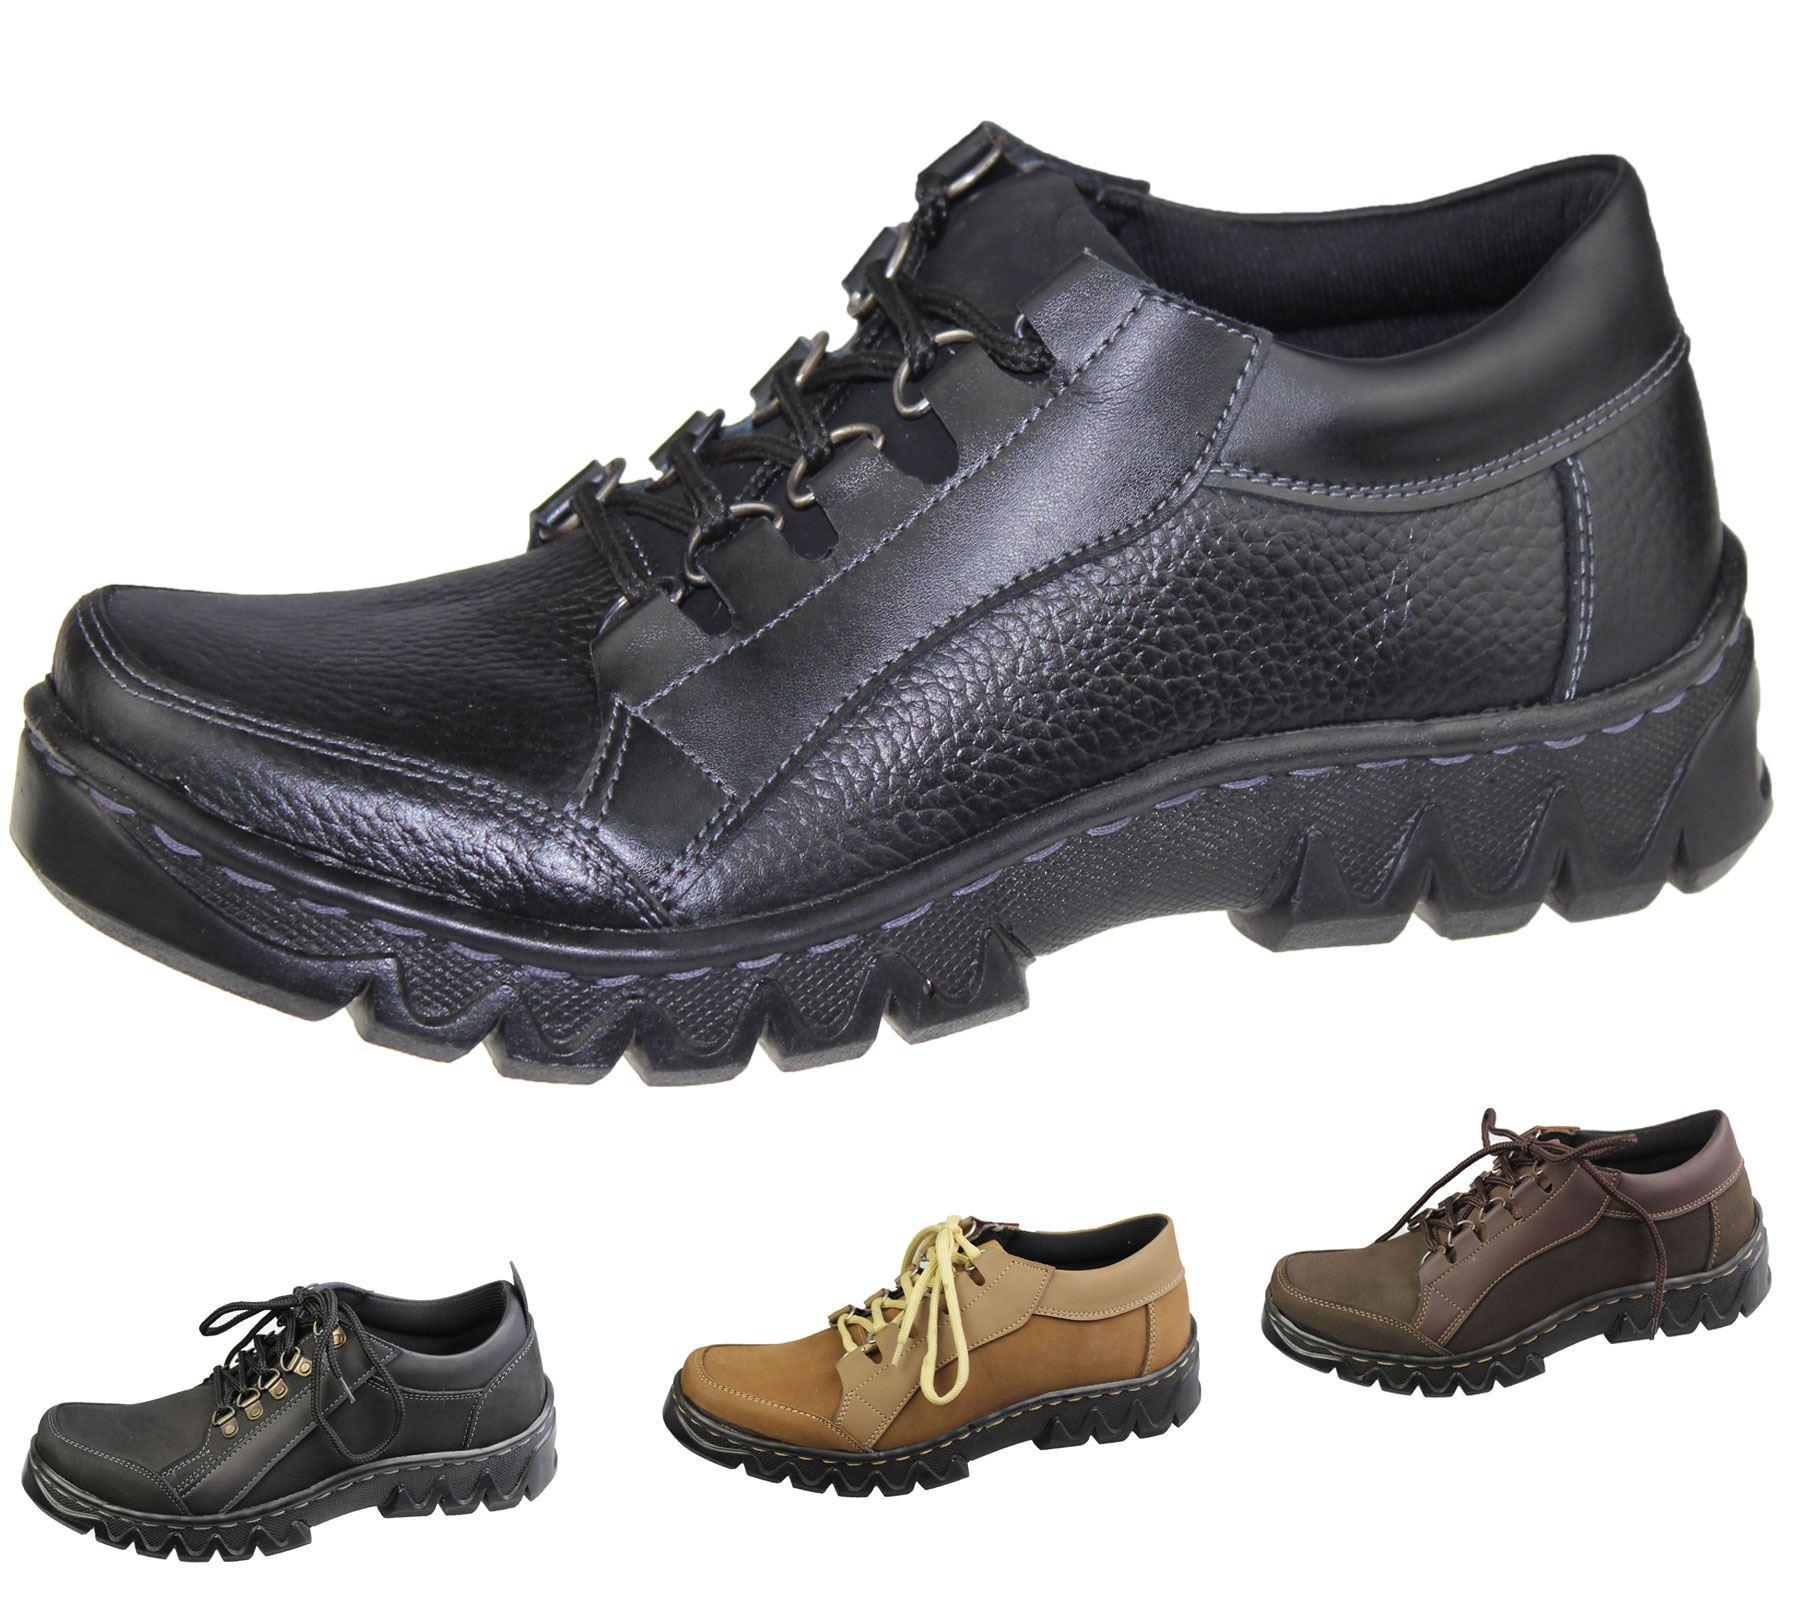 Amazon Shoes Size Guide Mens D